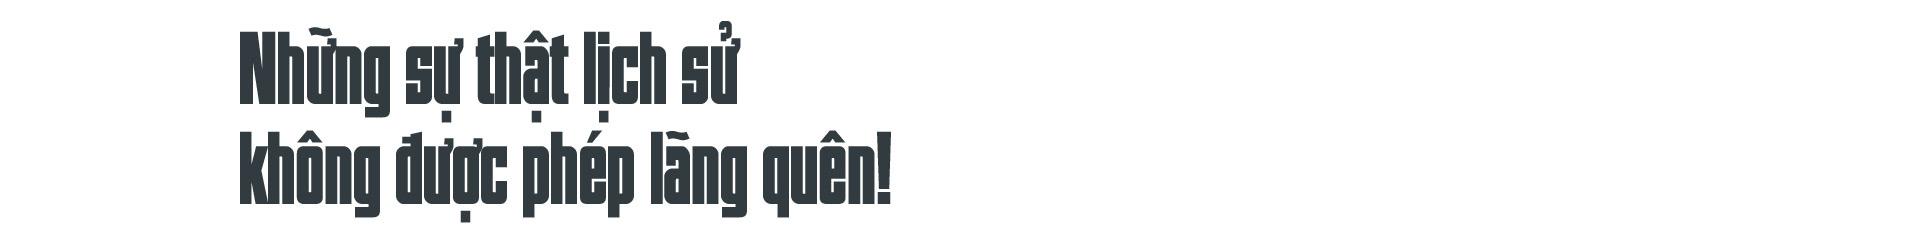 """Đạo diễn, NSƯT Phạm Việt Tùng: """"Có những sự thật 30/4/1975 cần làm sáng tỏ để không phải xấu hổ trước lịch sử""""  - Ảnh 3."""